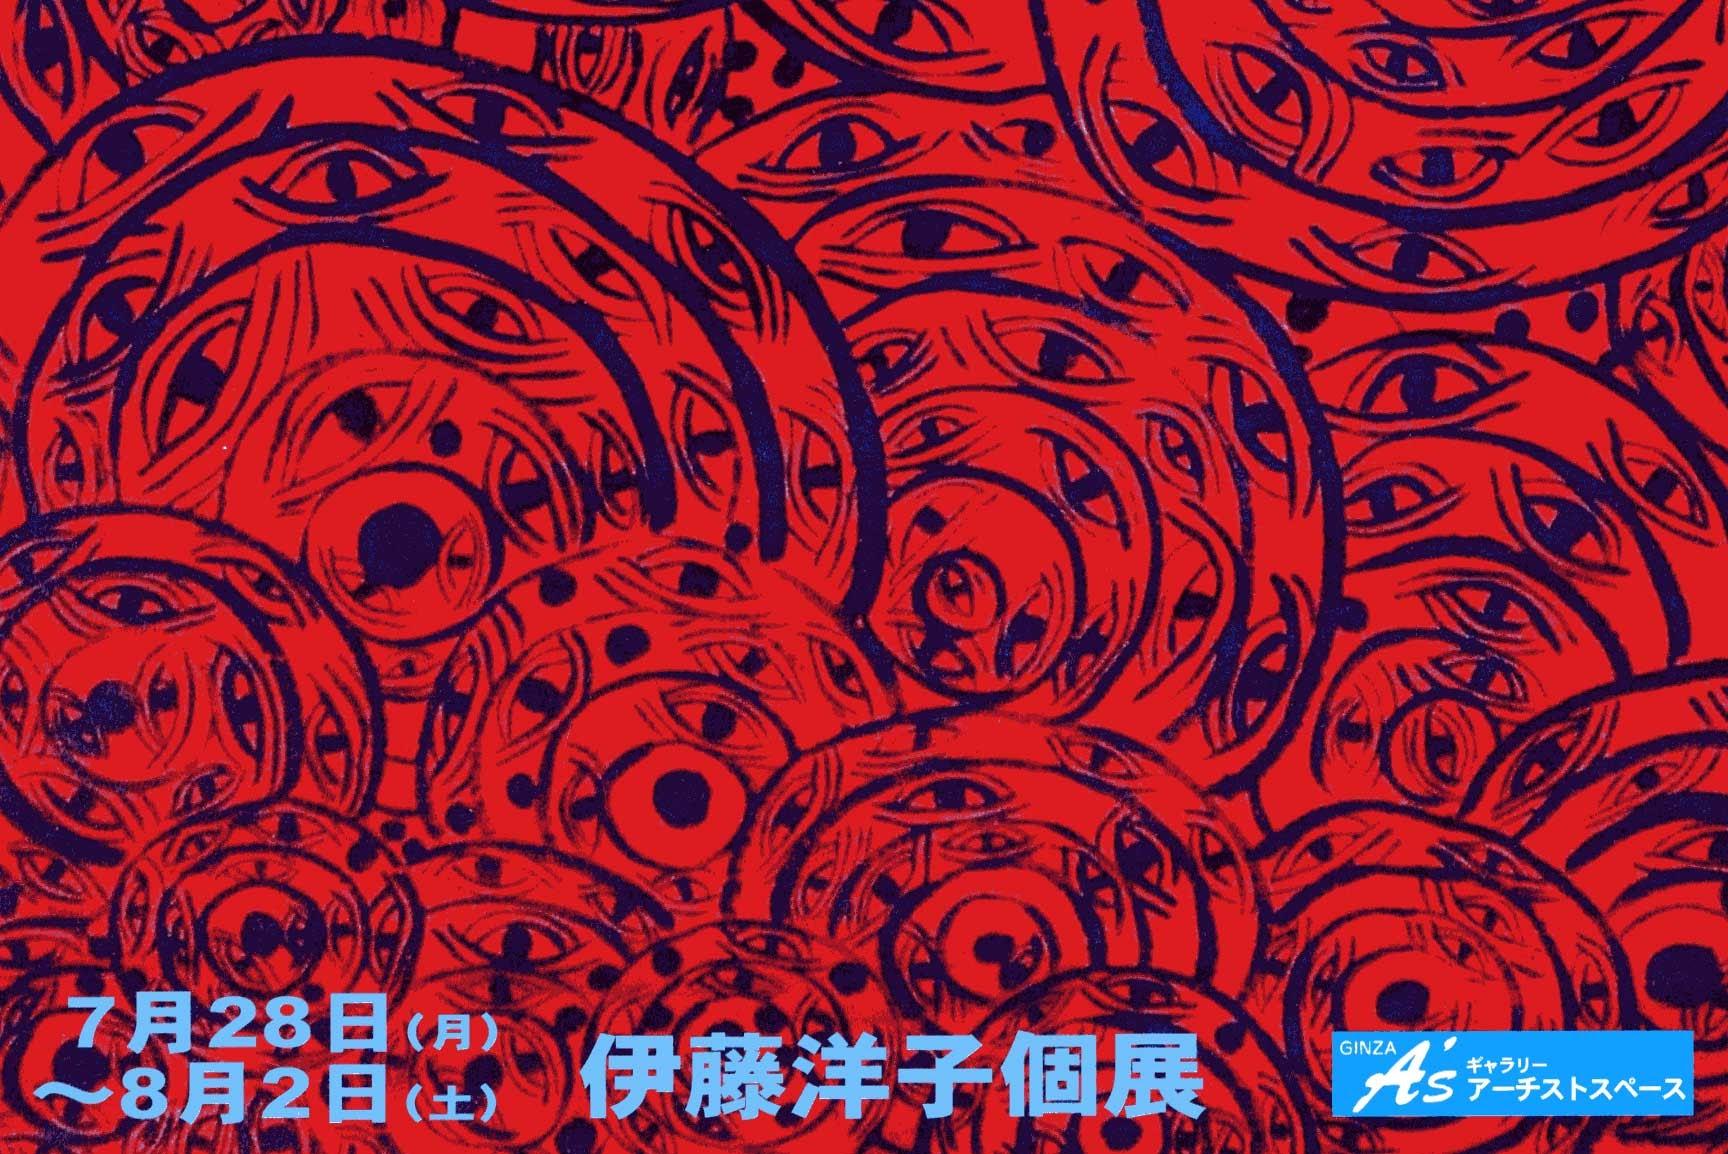 伊藤 洋子 個展 [後朝の、] (きぬぎぬの、)